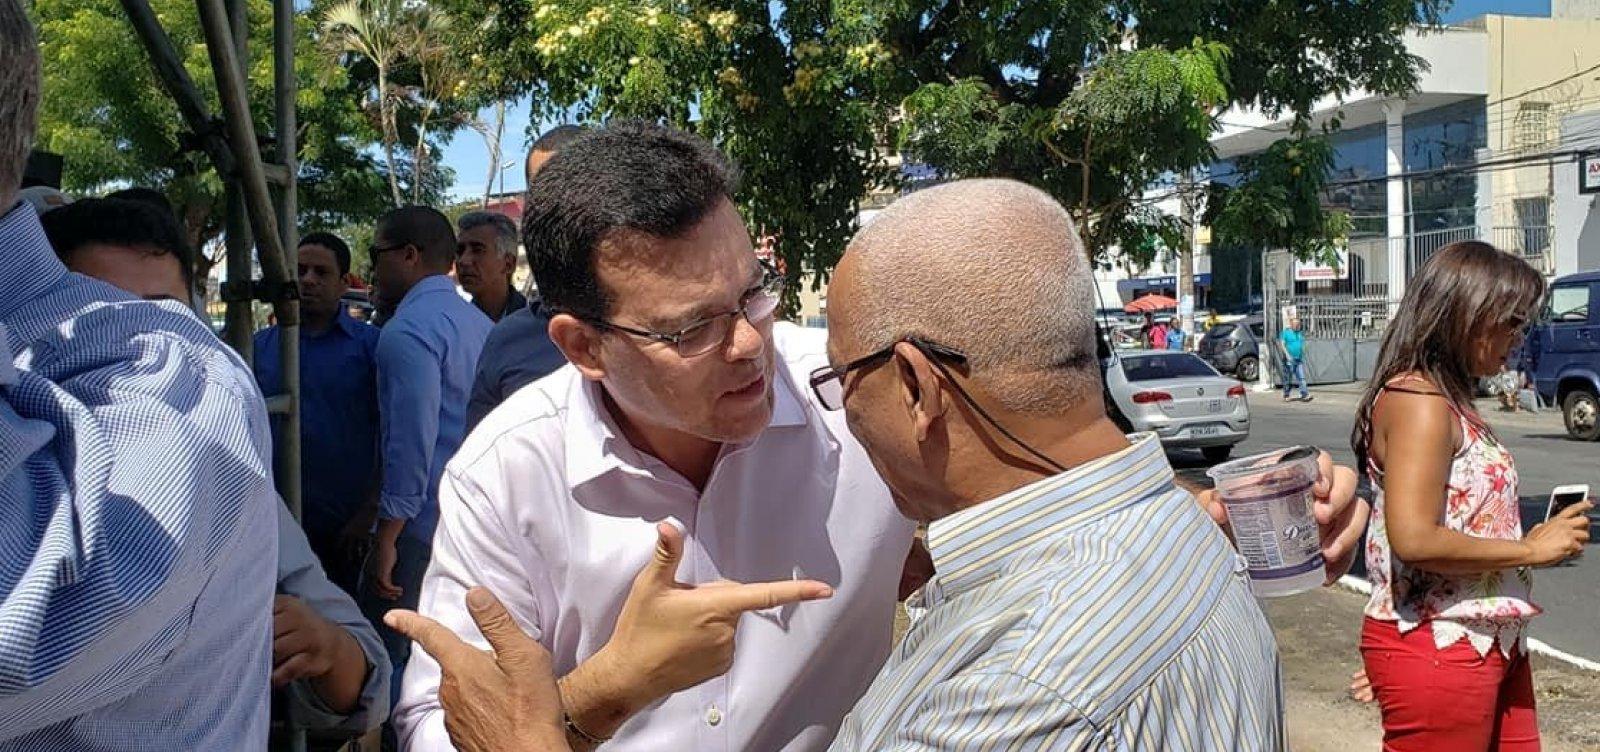 [Após pressão, Mangueira deve assumir vice-liderança na Câmara de Salvador]